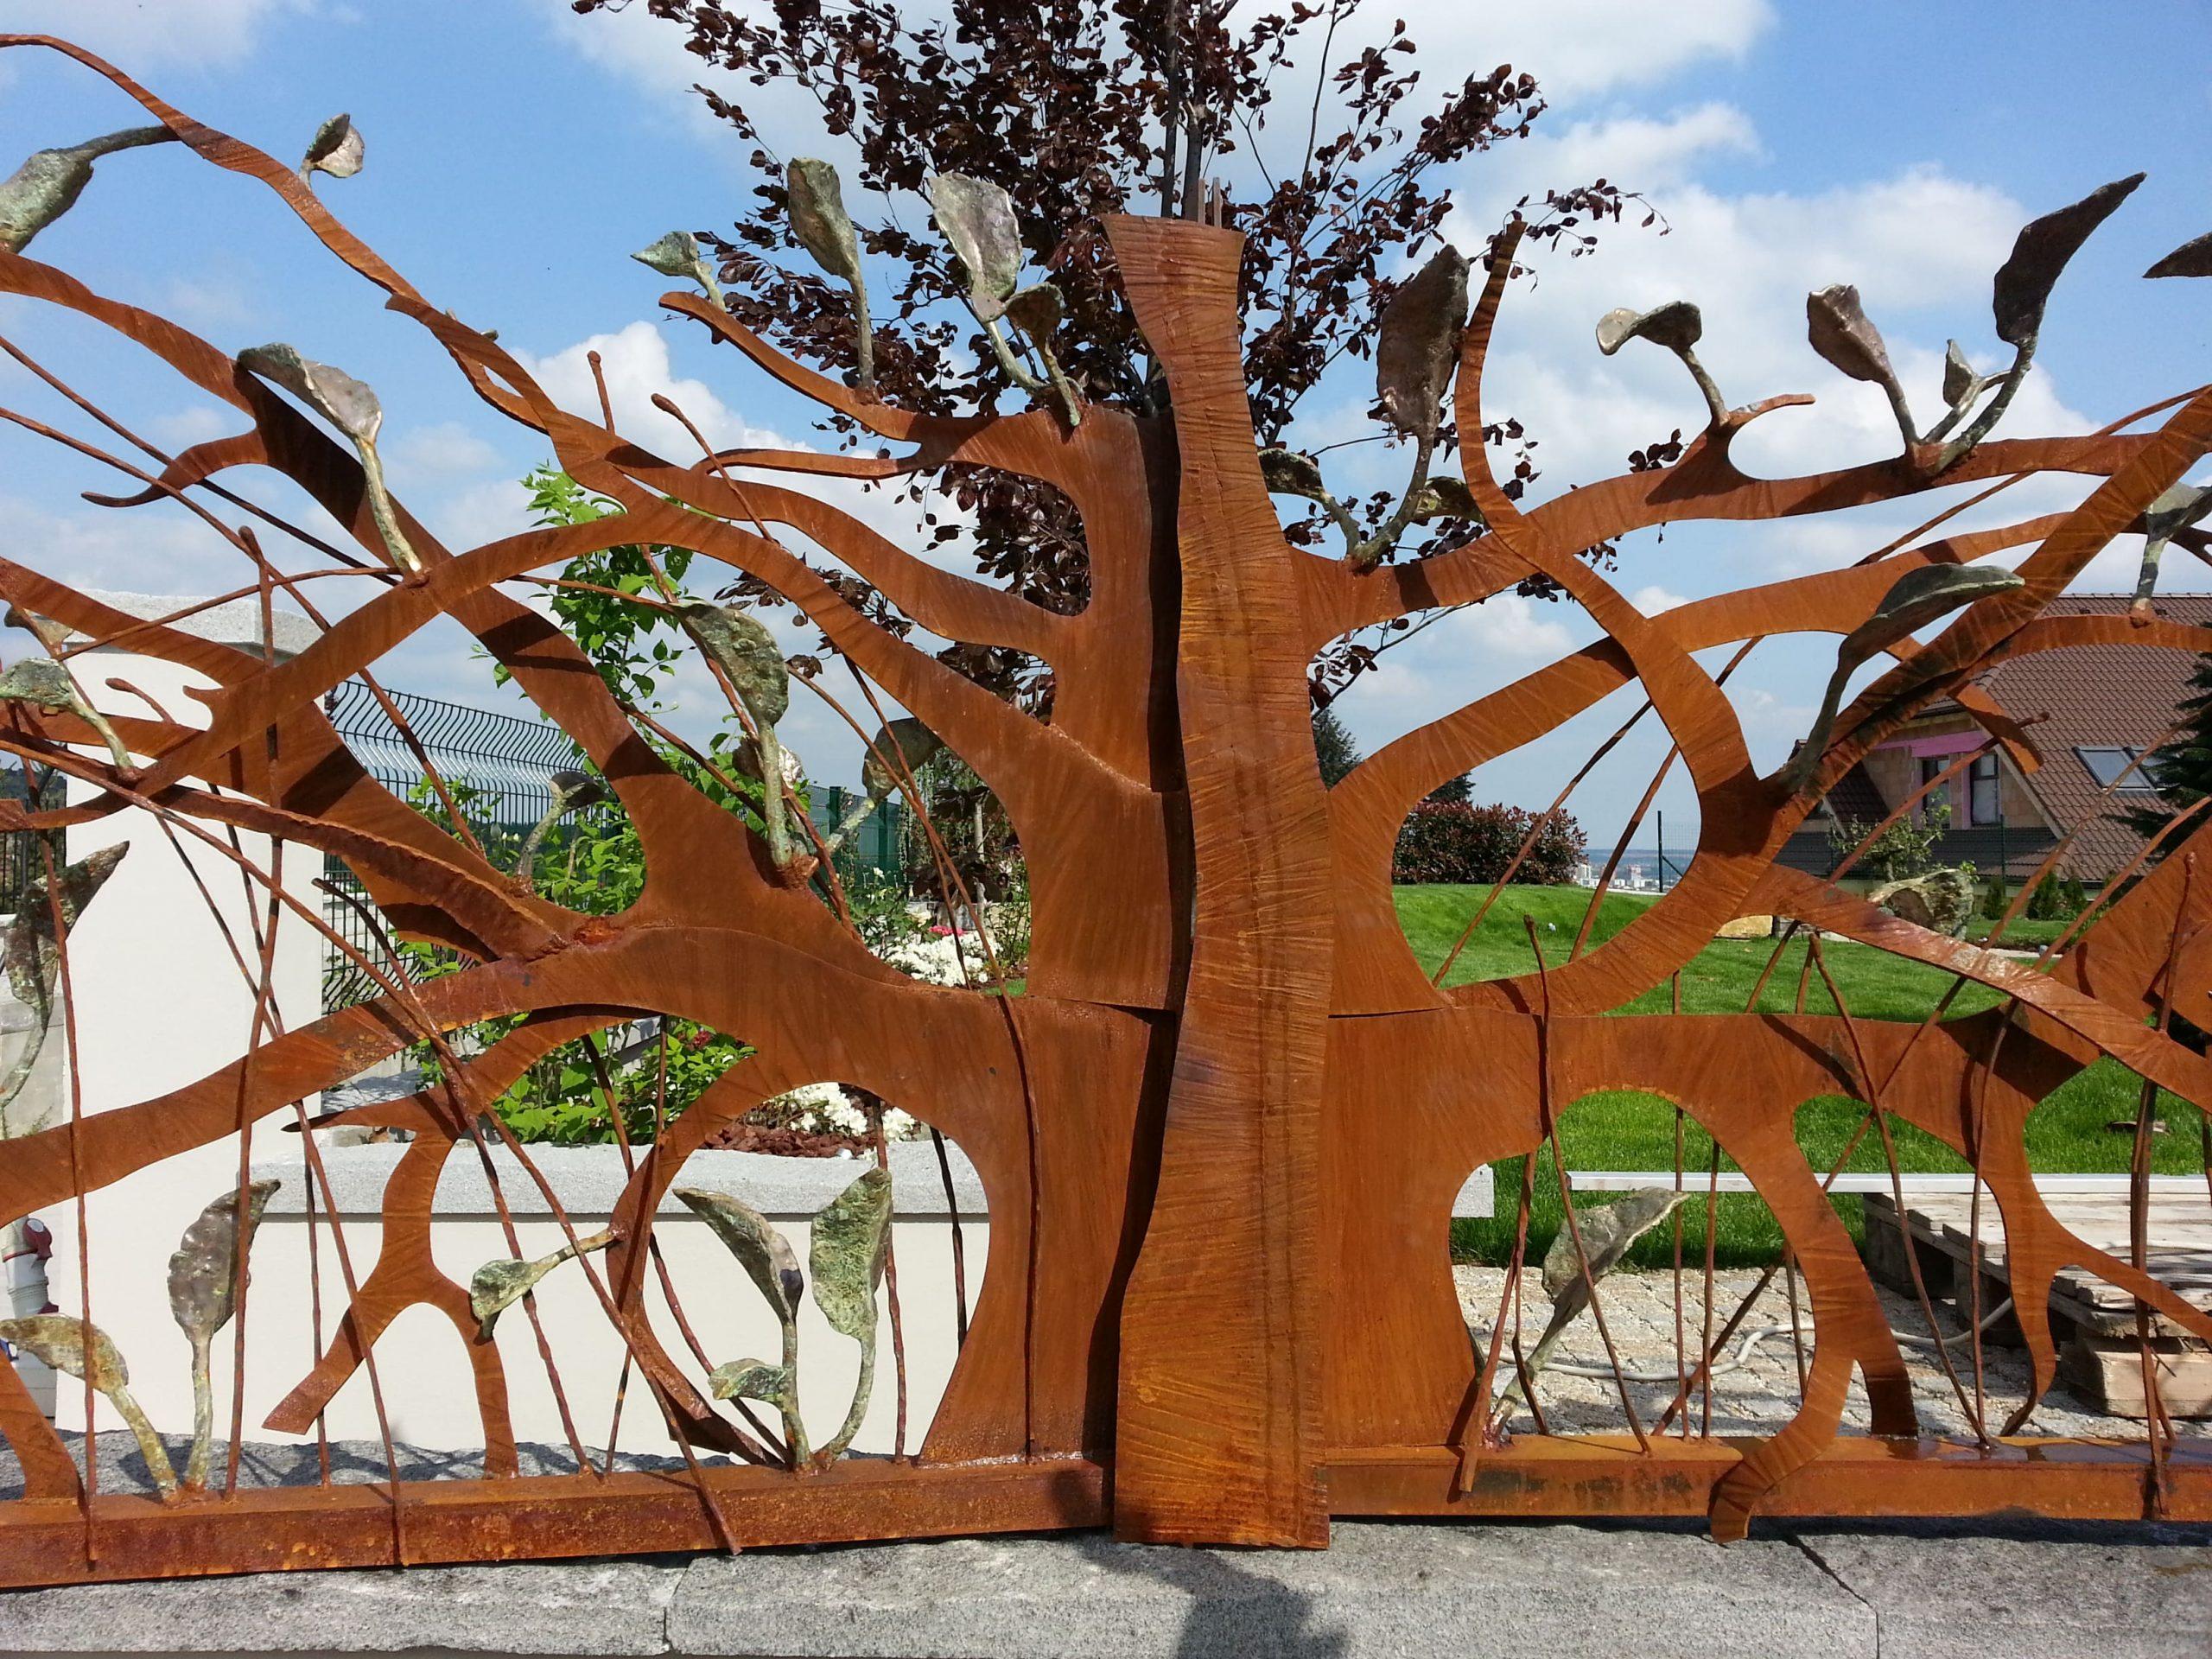 Umelecká brána a bránka, Limbach